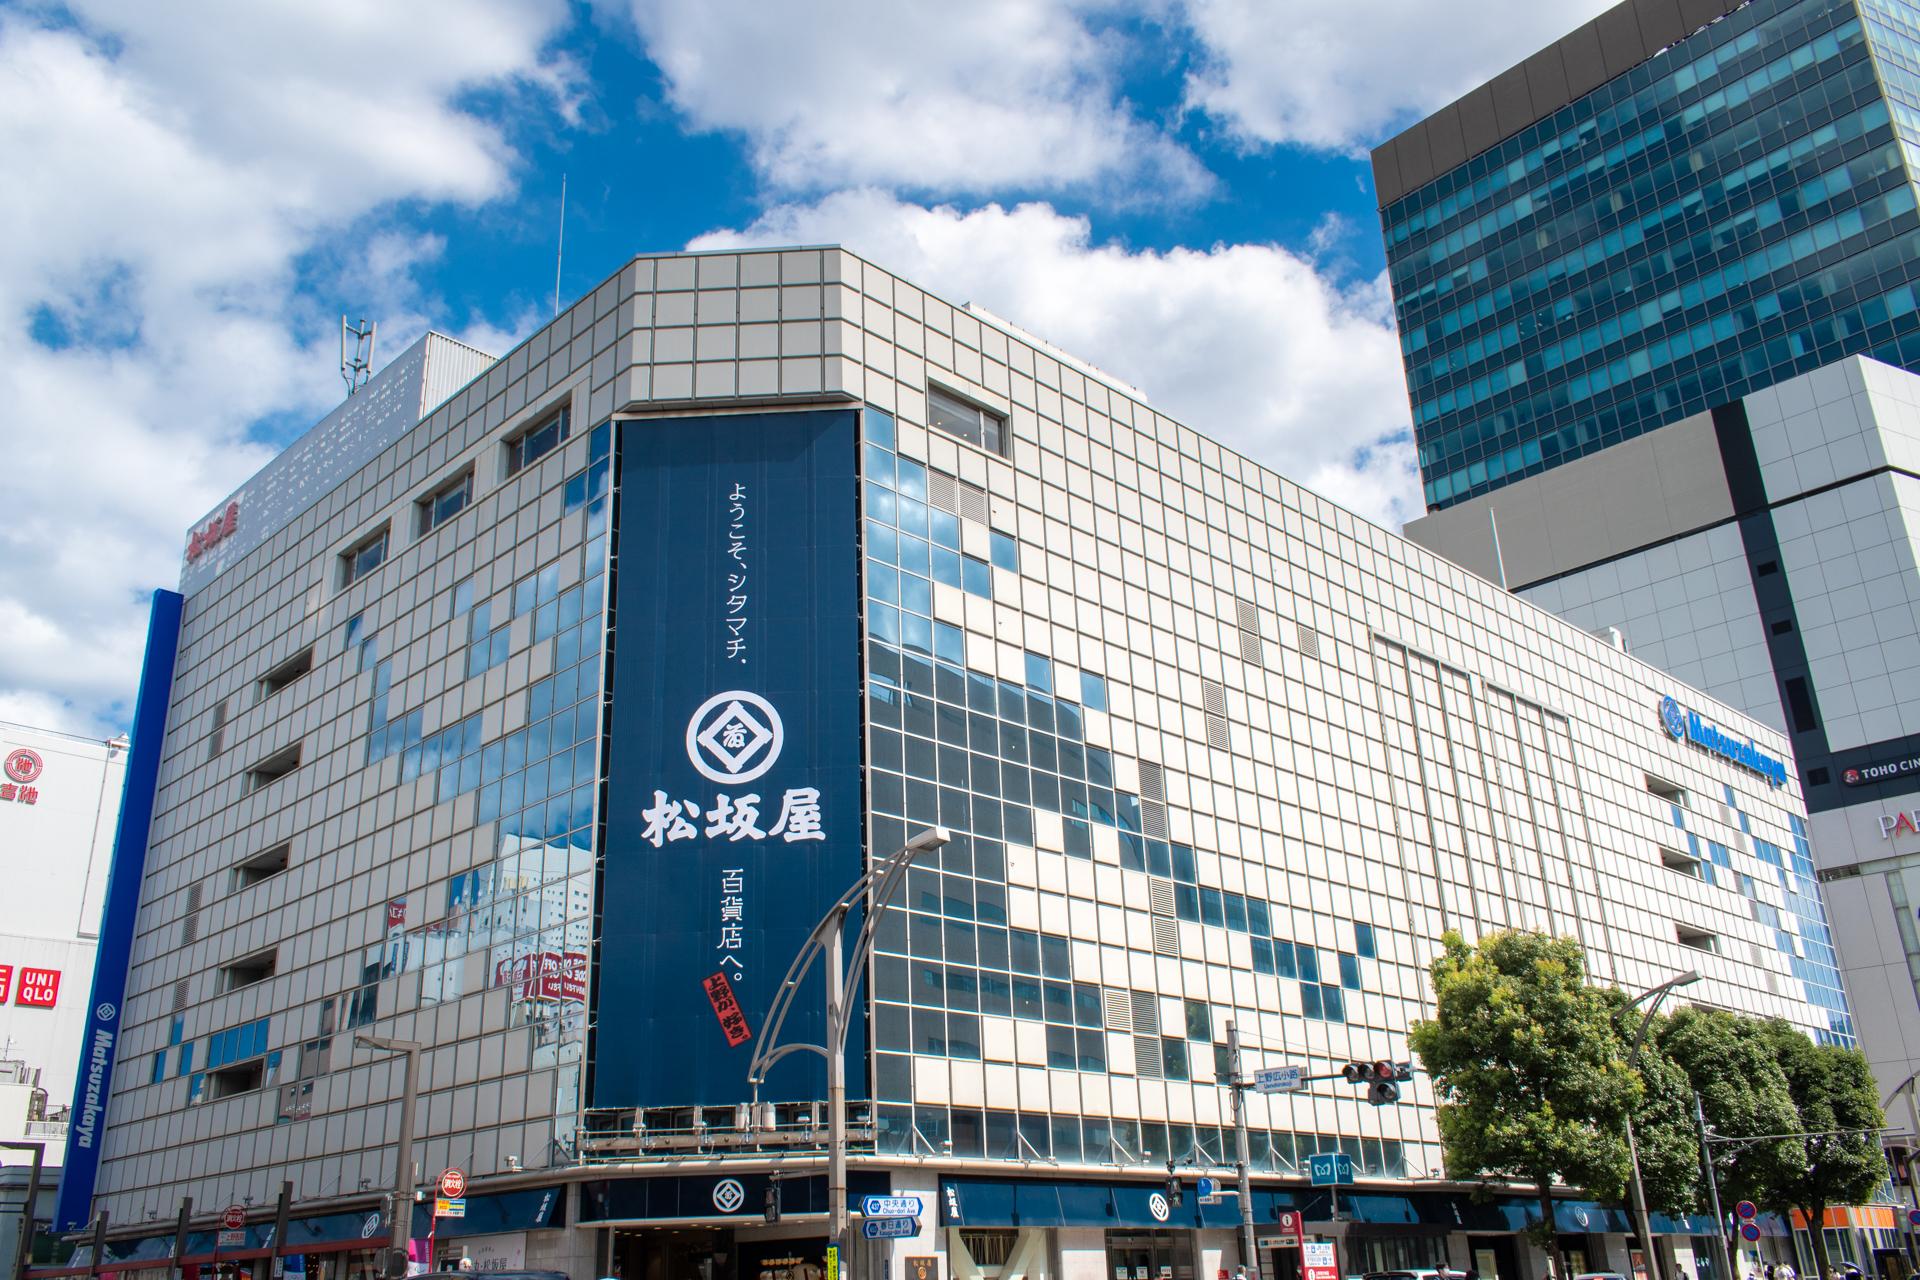 松坂屋 上野